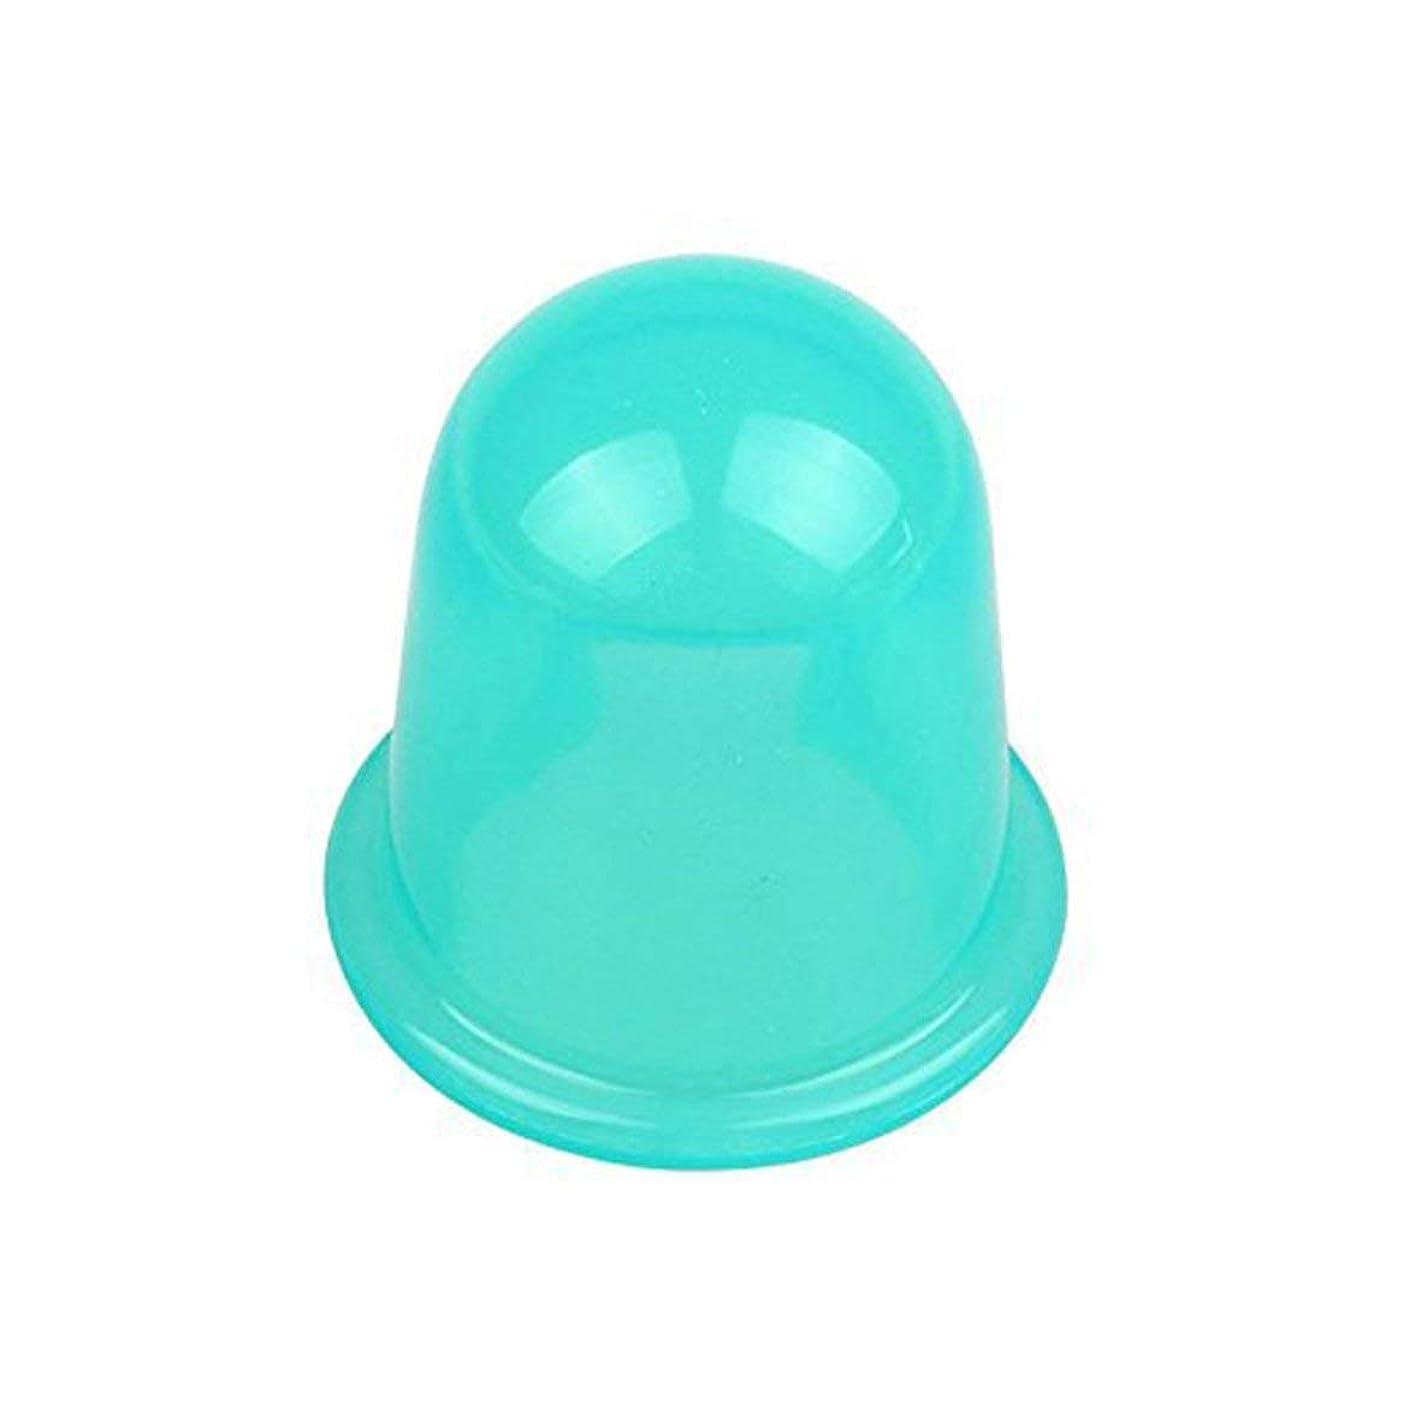 注文動物園対立耐久性のある水分吸収体アンチセルライト真空カッピングカップデバイスフェイシャルボディマッサージセラピーシリコーンカッピングカップ - グリーン